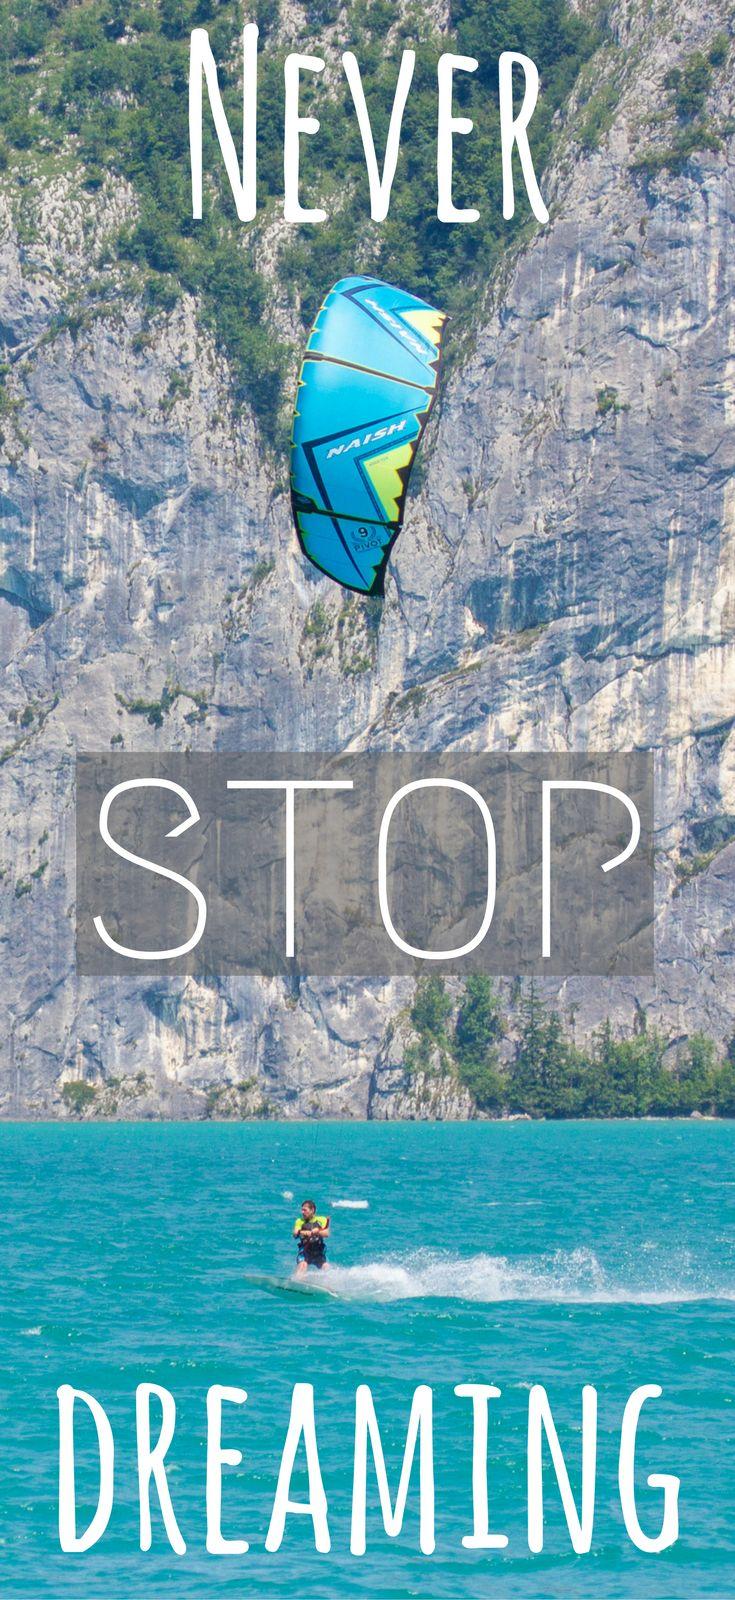 Never stop dreaming! Lerne Kitesurfen und erfülle dir einen lang ersehnten Traum. Kitesurfen bedeutet Freiheit, Beweung und Abenteuer. Hier findest jede Menge Infos wie du dich vor und nach dem Kitekurs aufs Kitesurfen vorbereitest. #kiteboarding #wolfgangsee #kiteshop